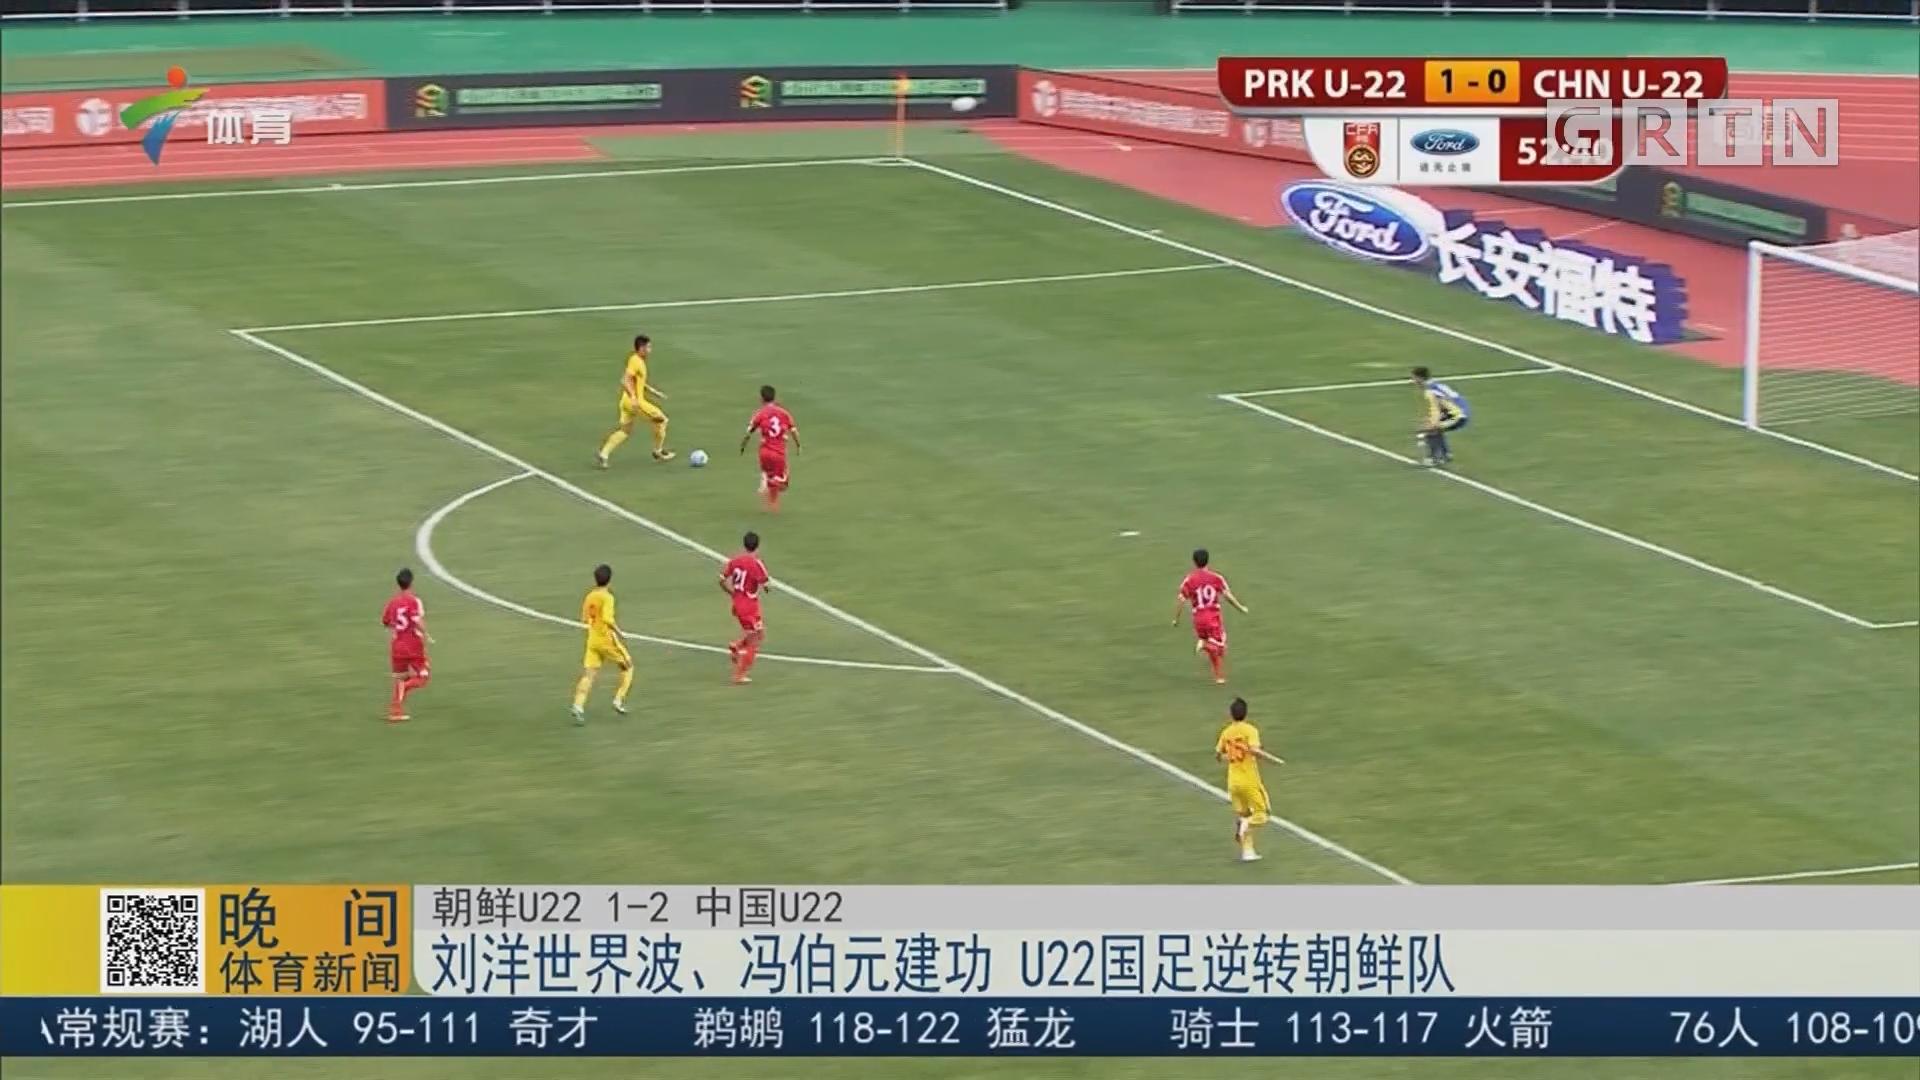 刘洋世界波、冯伯元建功 U22国足逆转朝鲜队